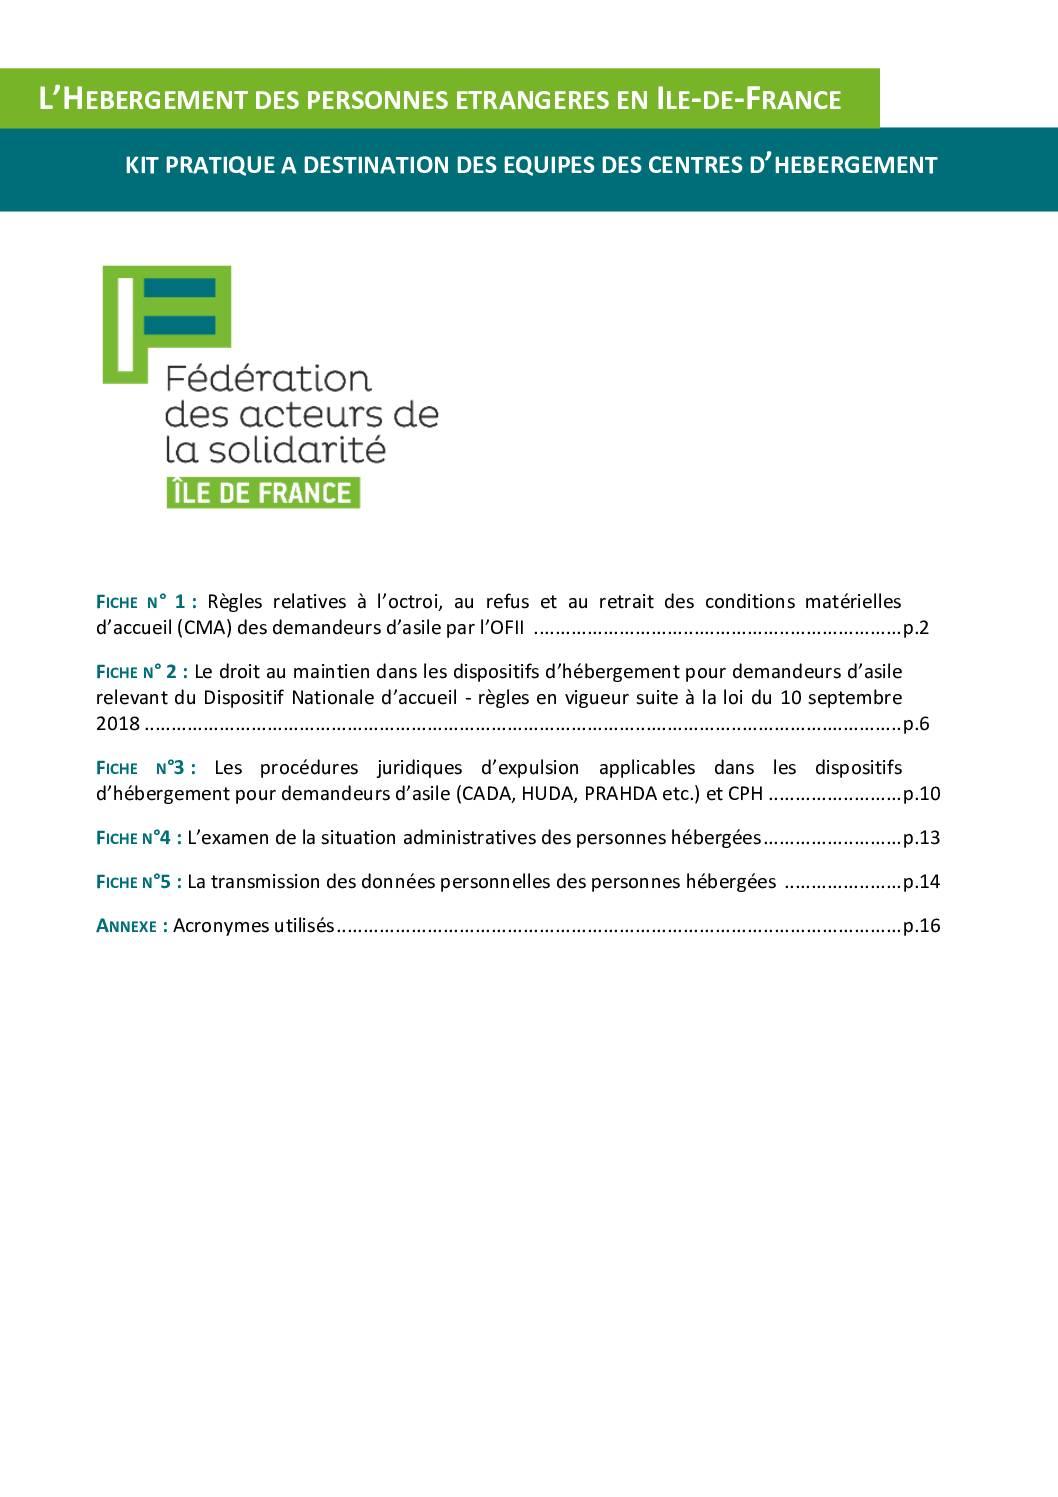 Kit Hébergement des personnes étrangères - MaJ janvier 2020